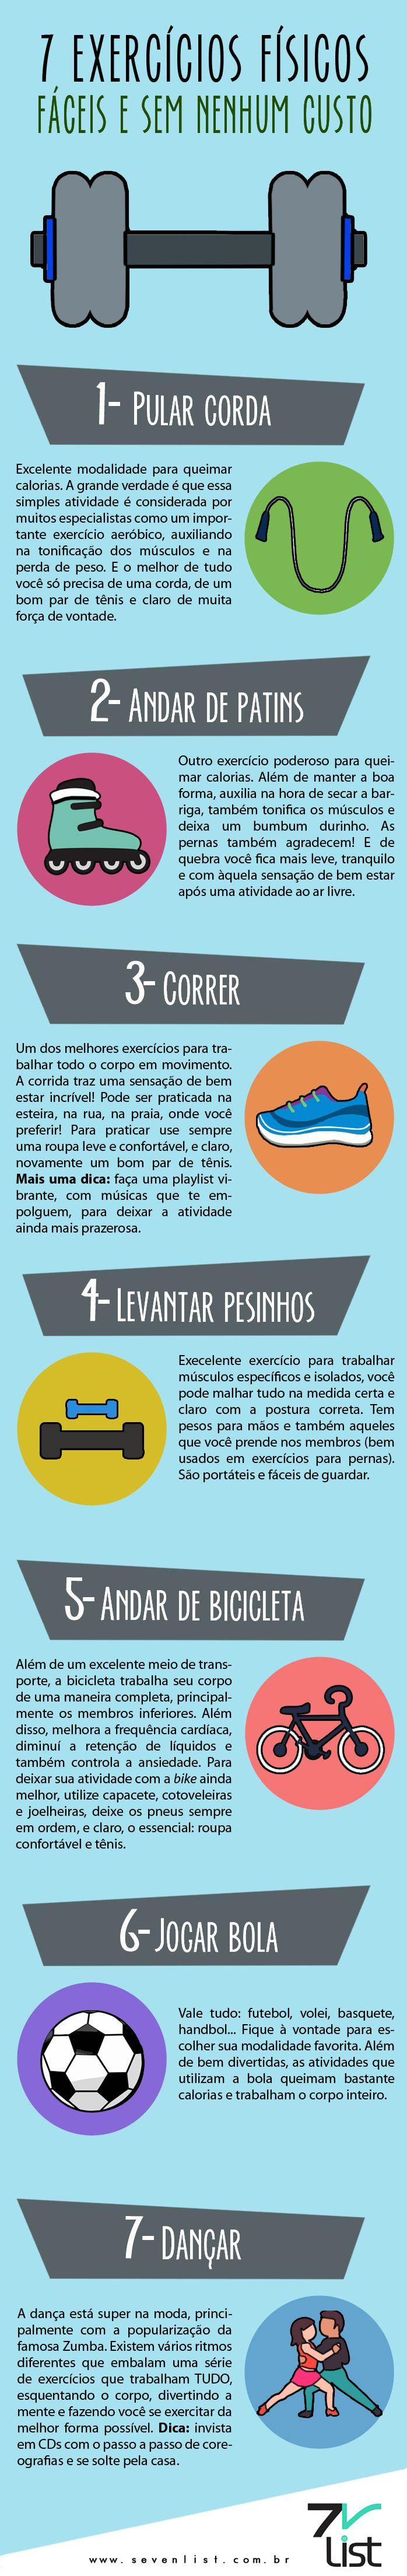 #Infográfico #infographic #design #exercícios #físicos #malhar #atividades #pular # corda # andar # patins #correr #levantar #pesos #bicicleta #jogar #bola #dançar #movimentar-se #saúde #bemestar #fitness #vidasaudável #viverbem #saudável